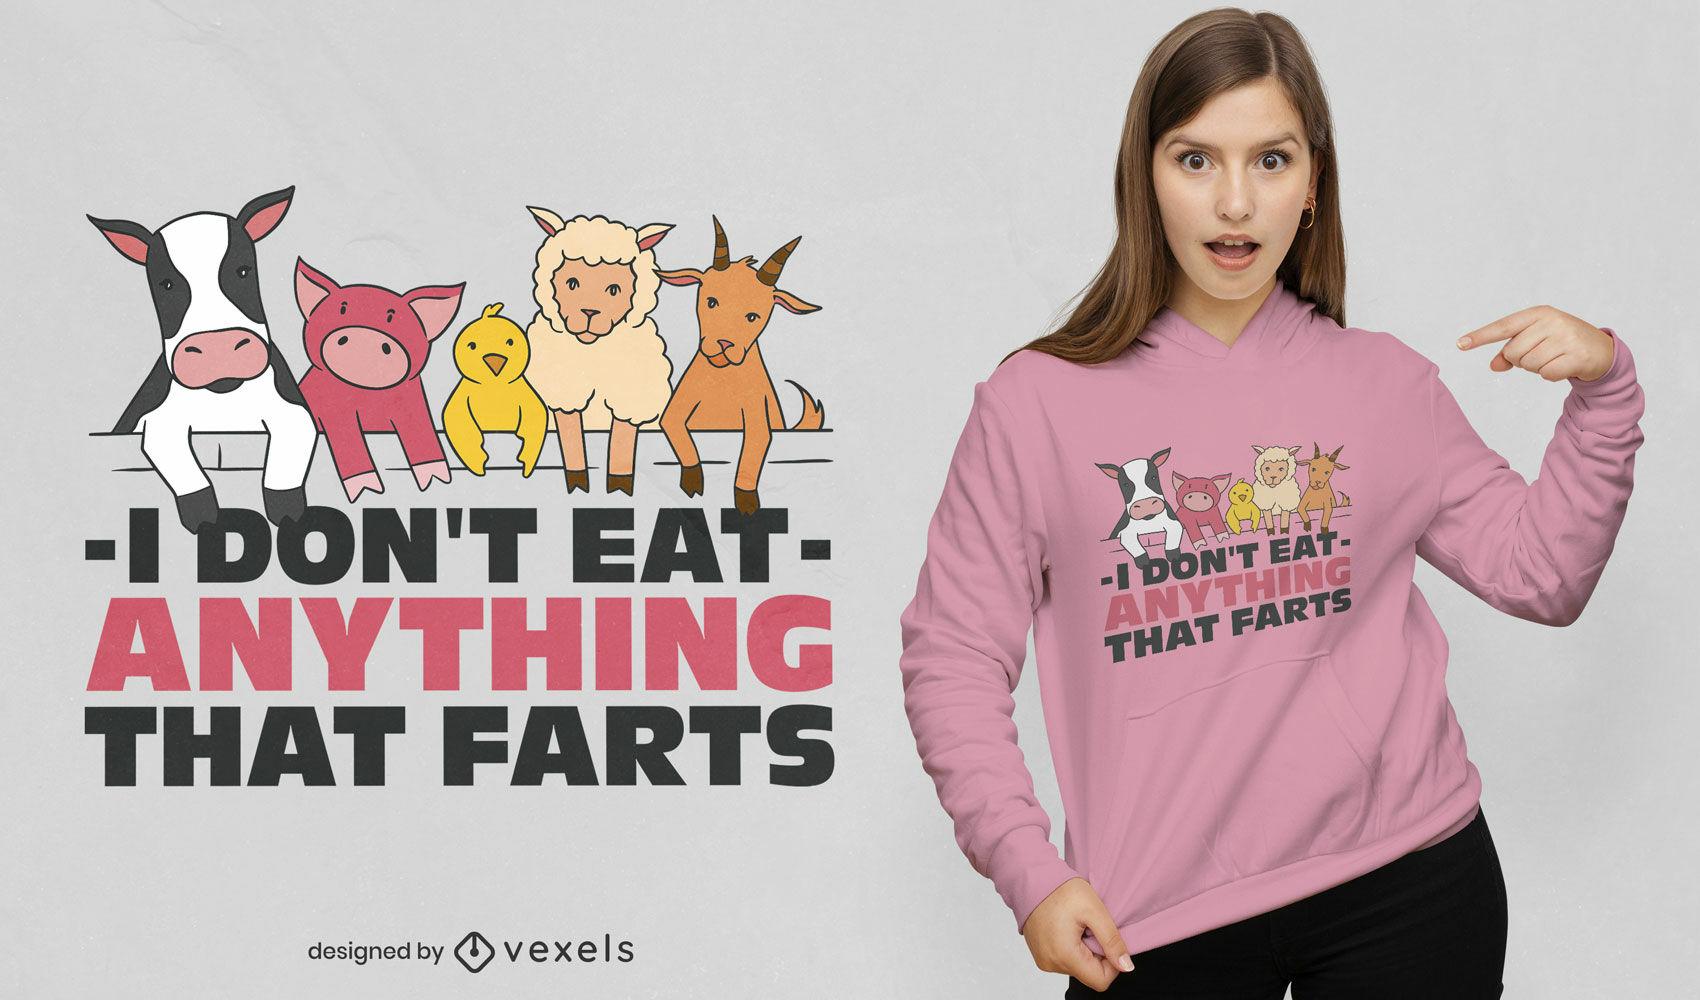 Funny vegan quote t-shirt design